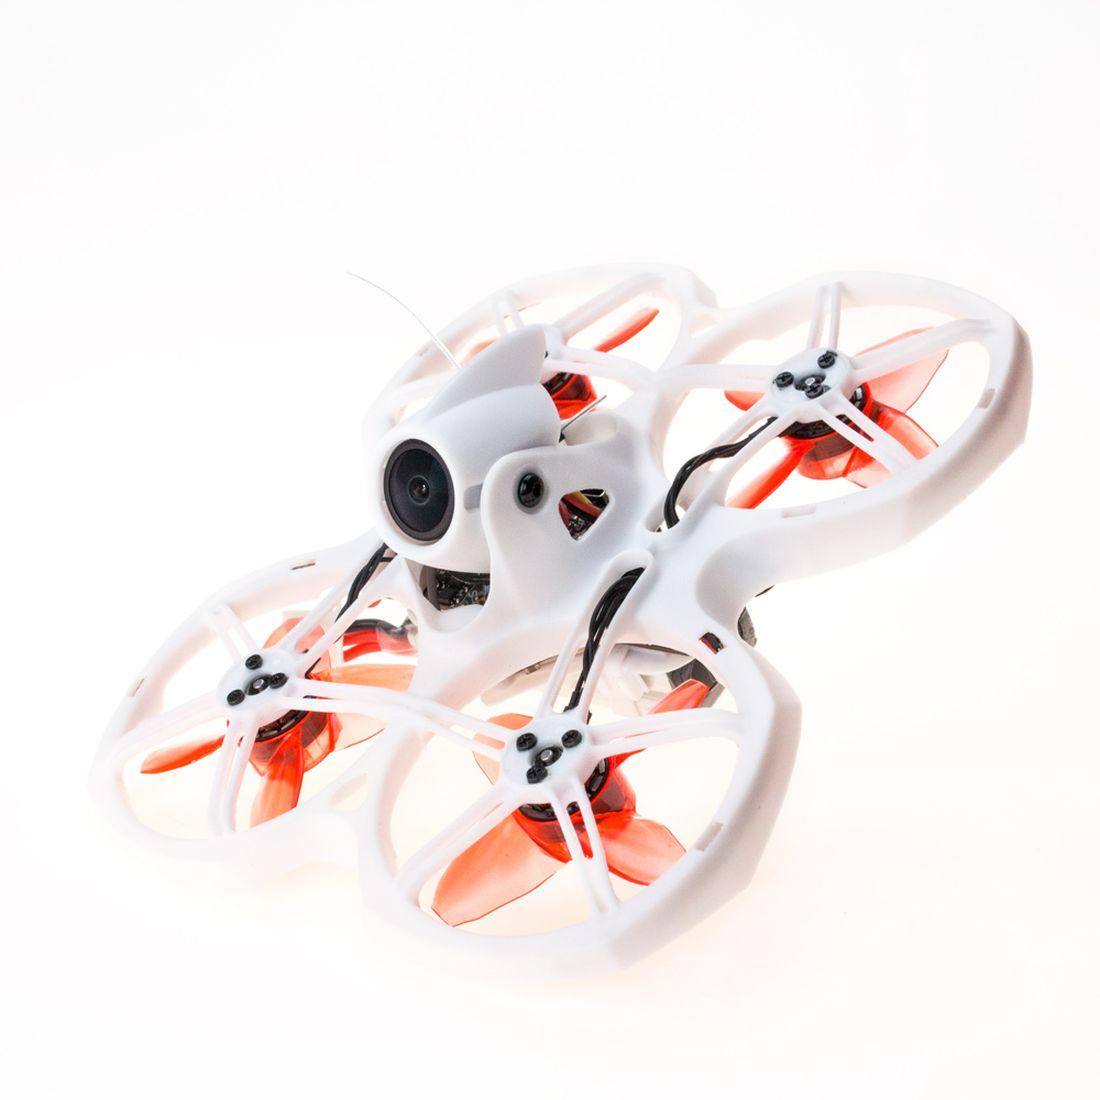 Emax Tinyhawk S II kapalı FPV Quadcopter BNF w/ F4 uçuş kontrolü 0802 16000KV Motor Nano2 FPV kamera ve LED desteği 1/2S pil|RC Uçaklar|Oyuncaklar ve Hobi Ürünleri - title=